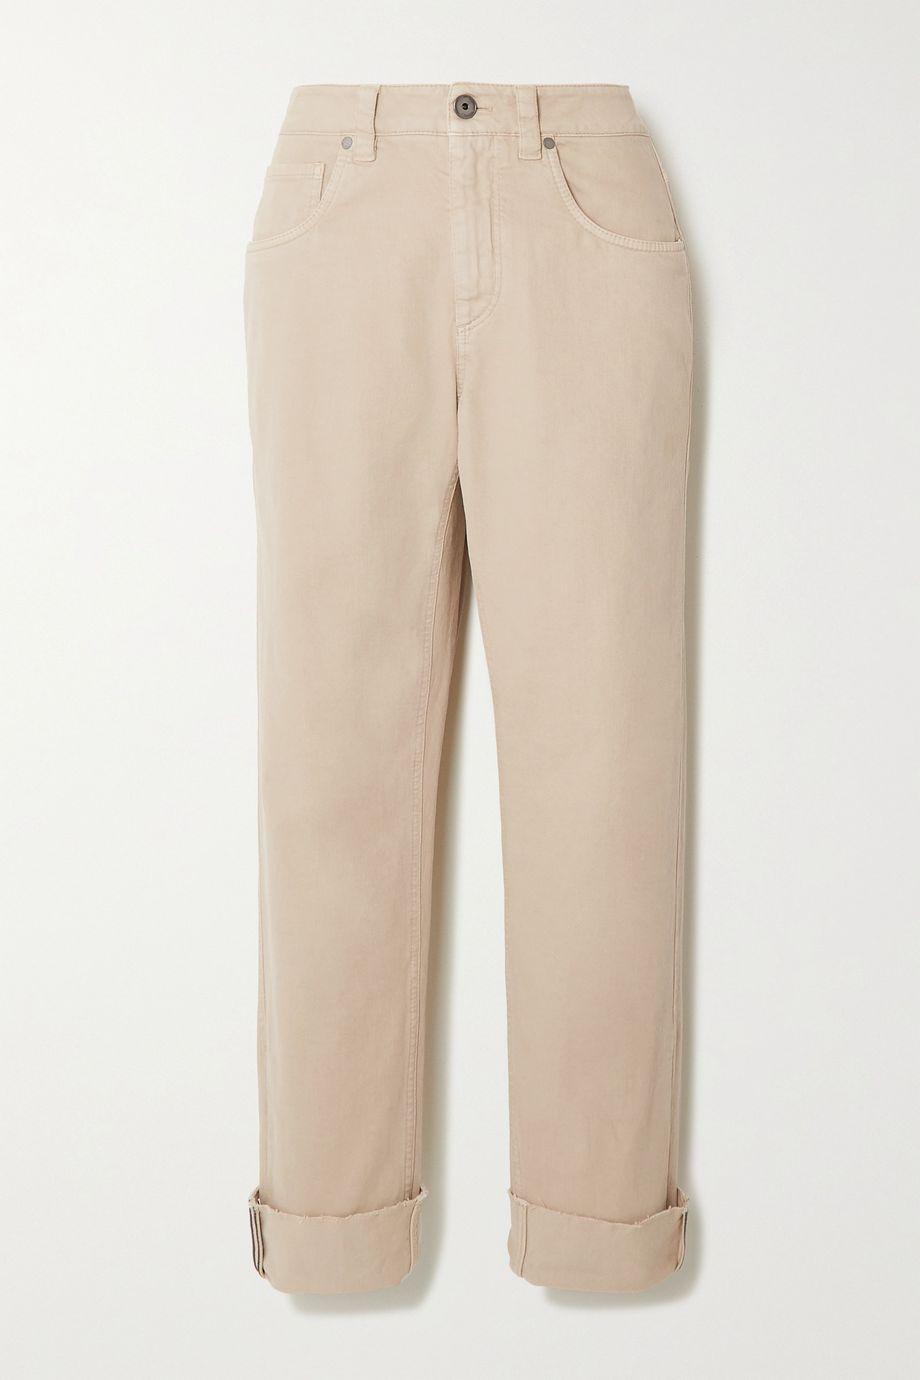 Brunello Cucinelli Halbhohe Jeans mit geradem Bein und Zierperlen